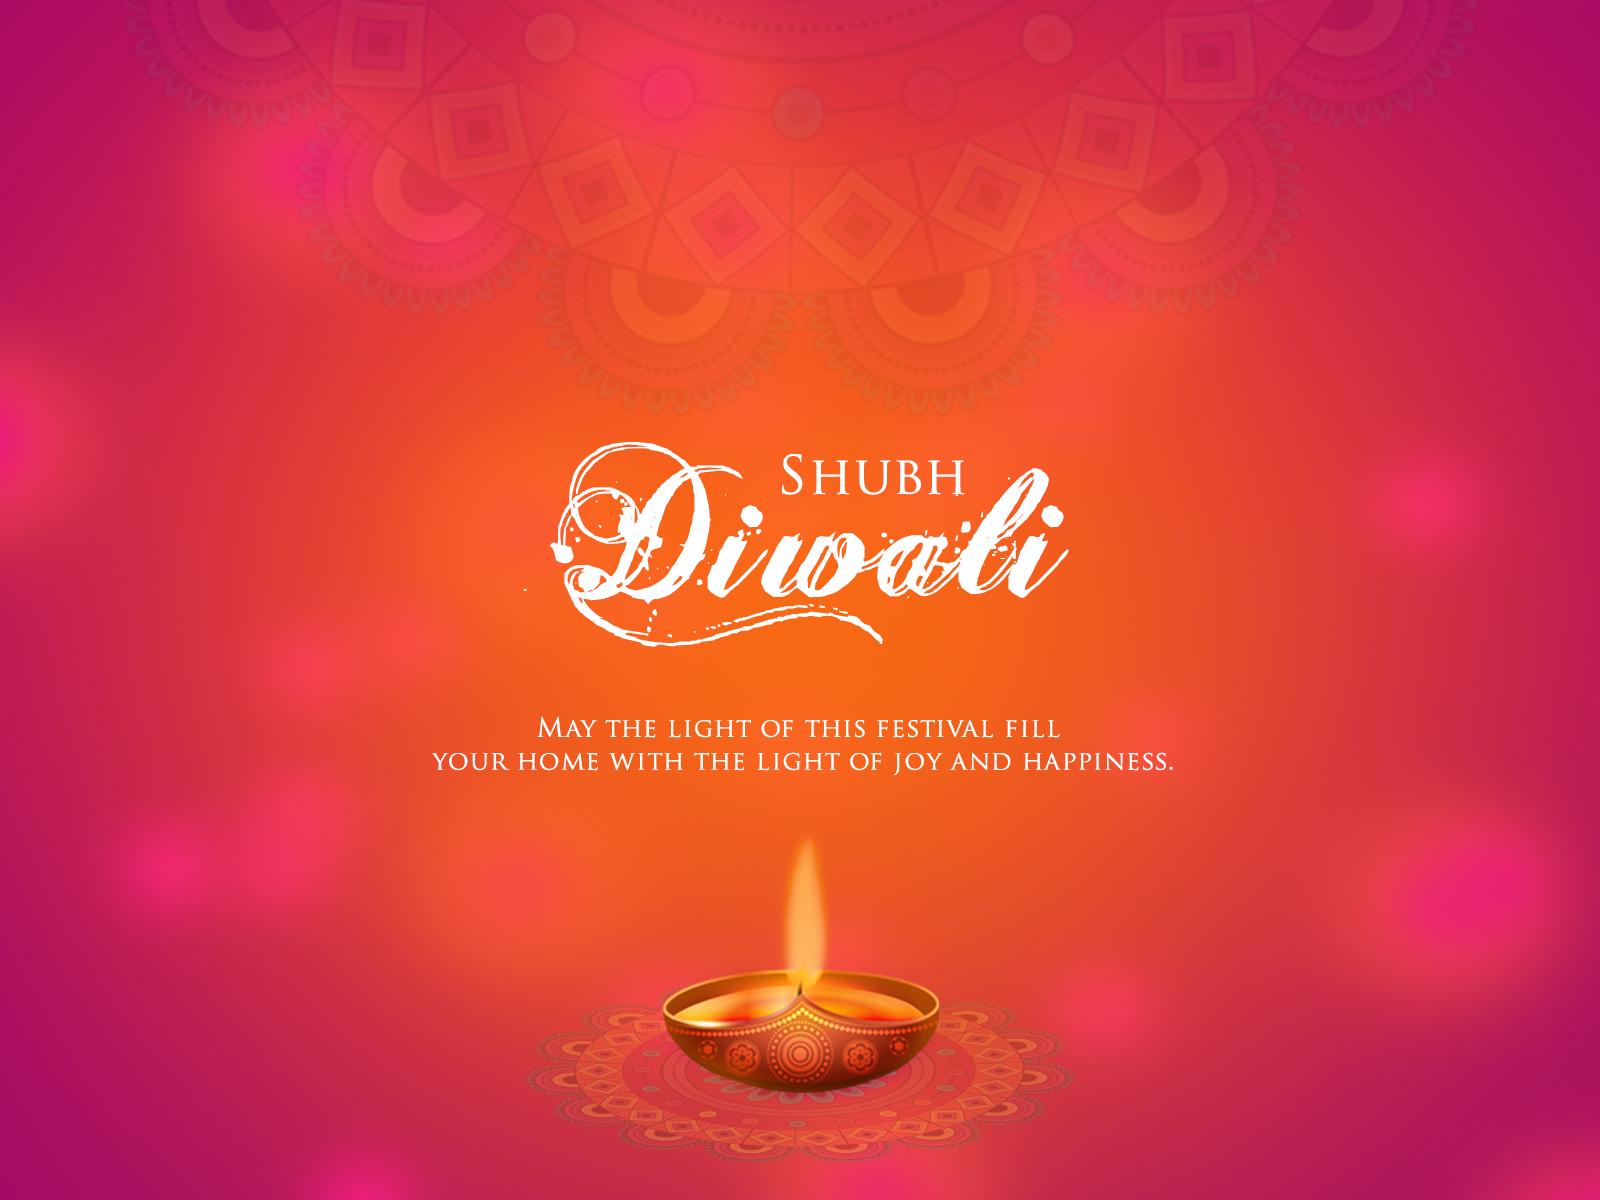 diwali greeting card designswapnal jain on dribbble